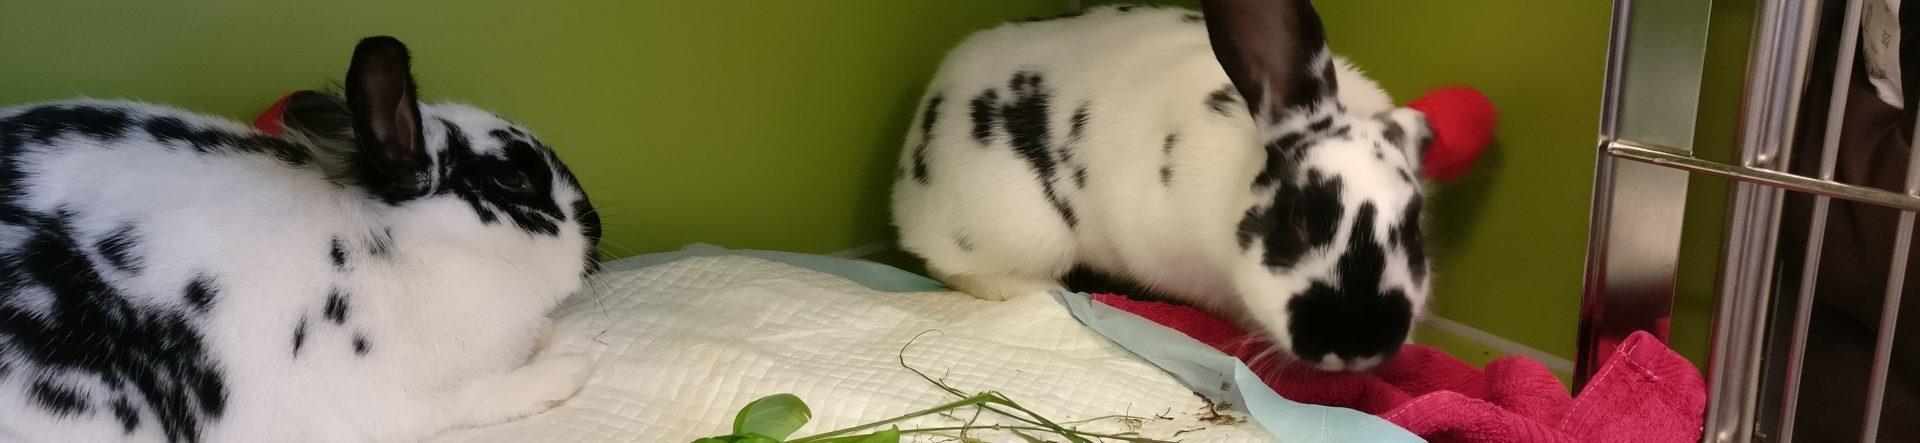 Sygdomstegn hos kanin – kend symptomerne | Dyrlægehuset Kolding